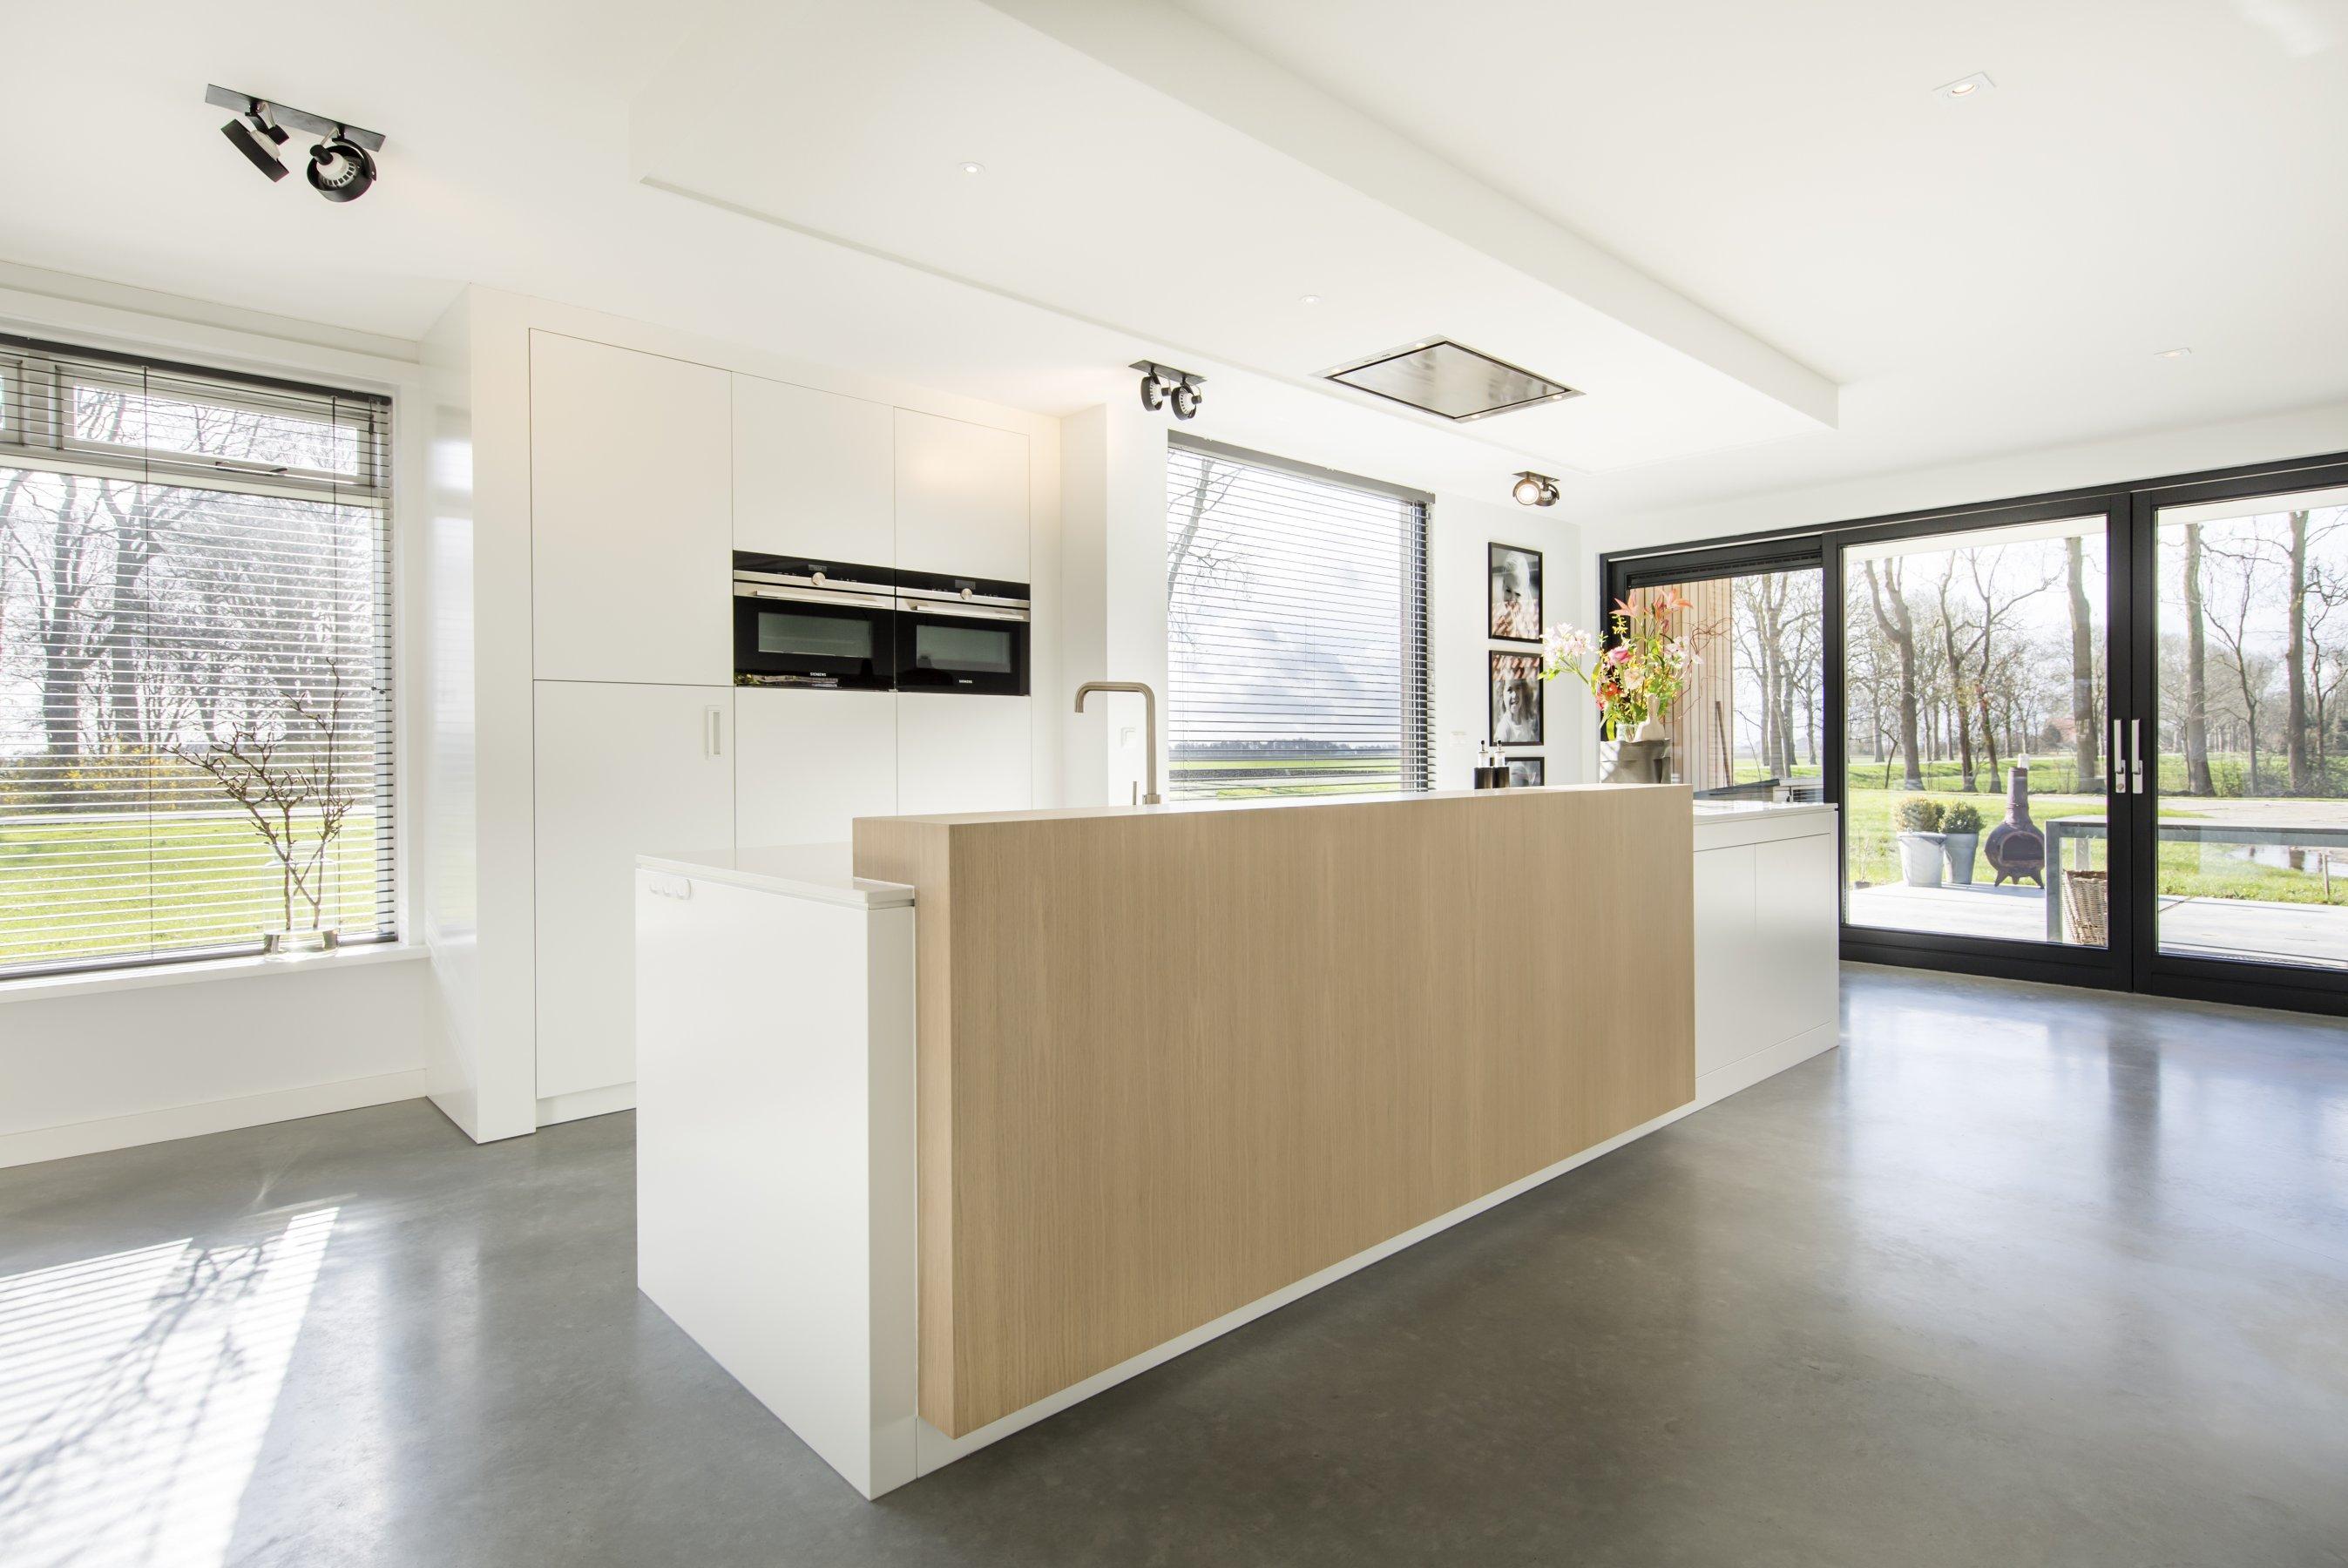 Witte keuken met eiken detail - Gekleurde muren keuken met witte meubels ...